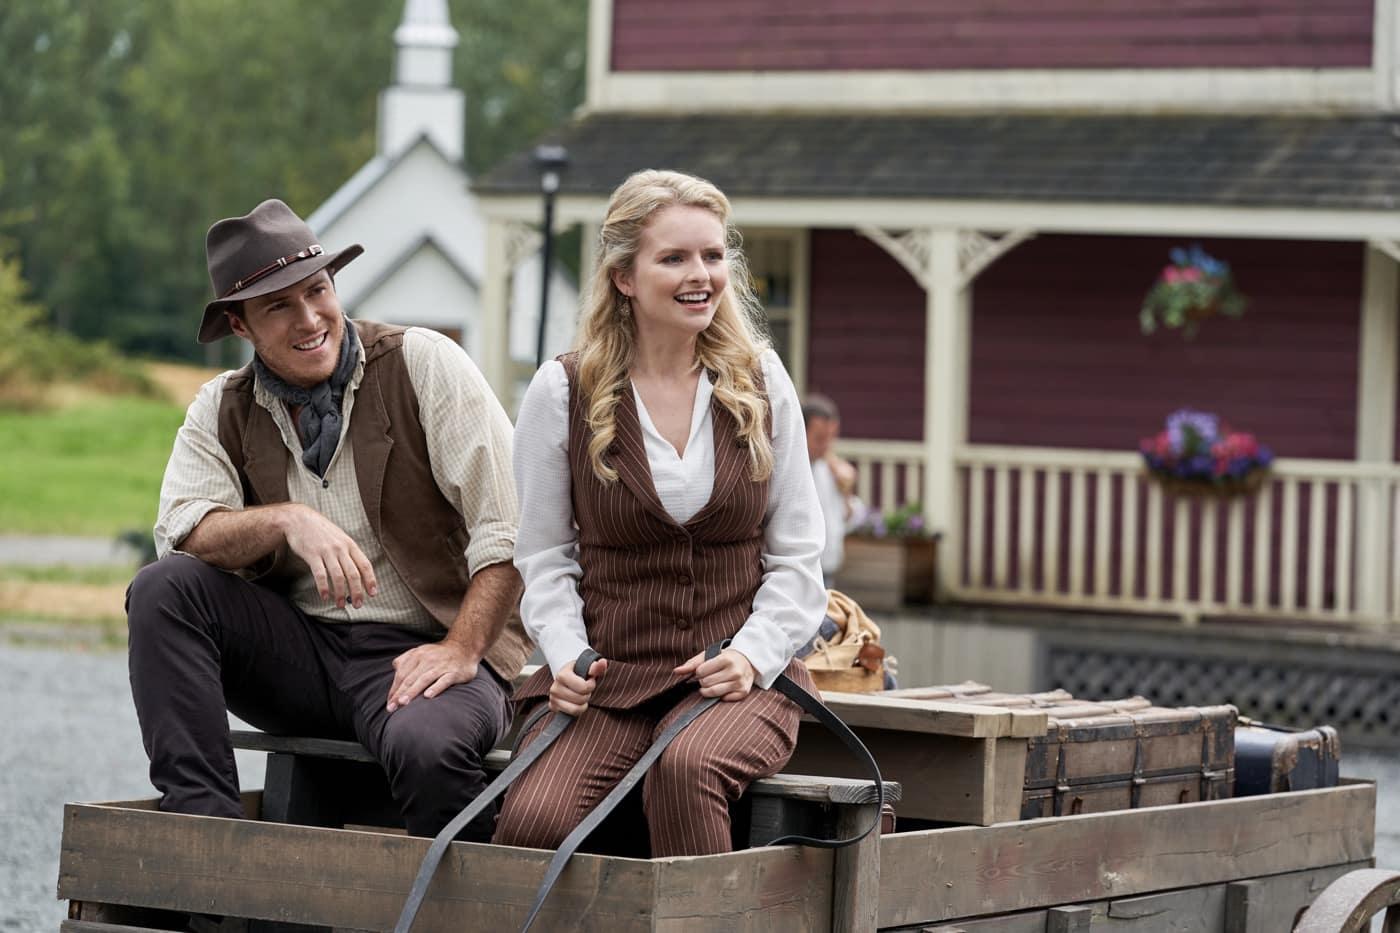 When Calls The Heart Season 8 Episode 1 Jonathan Purvis, Andrea Brooks